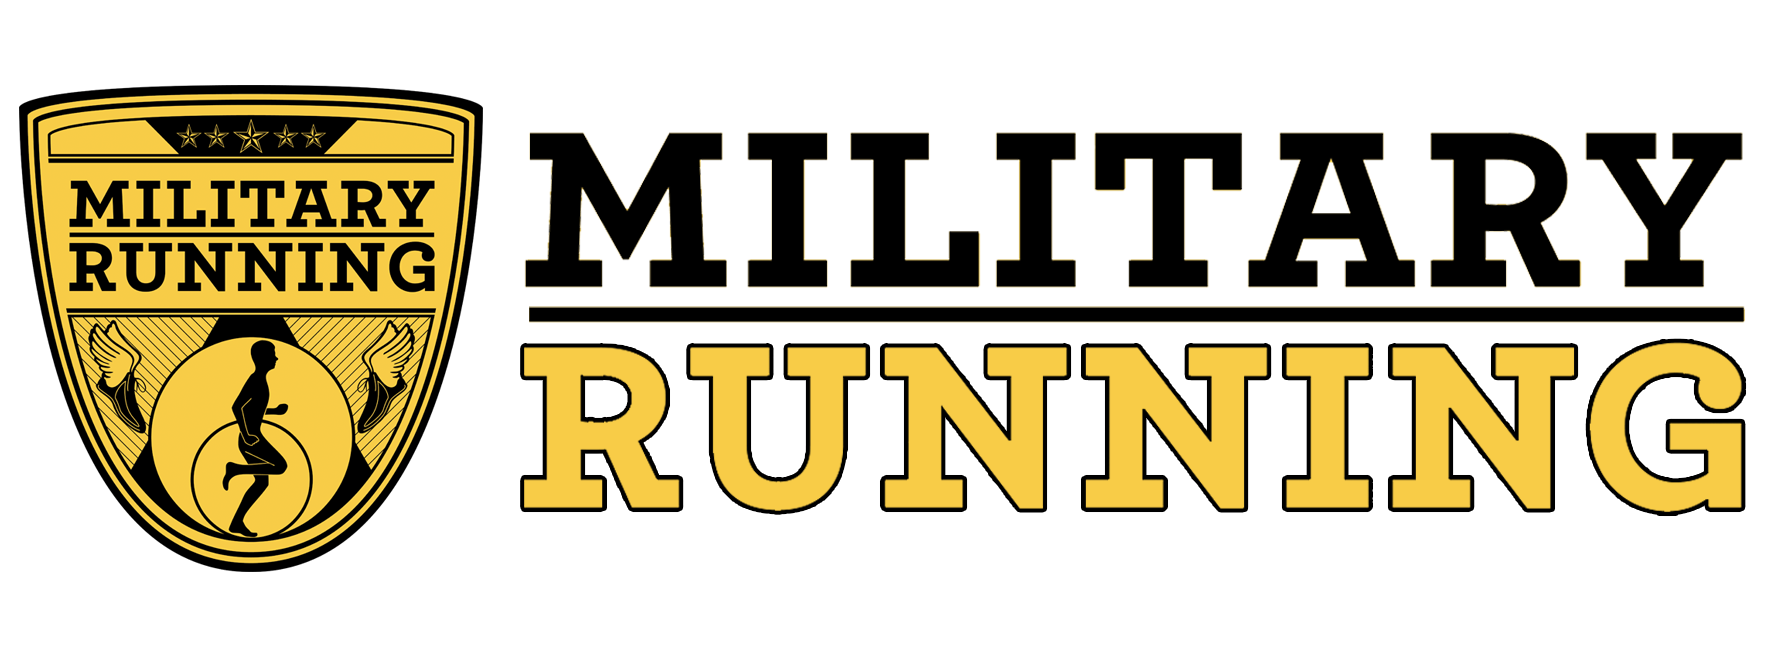 Military Running